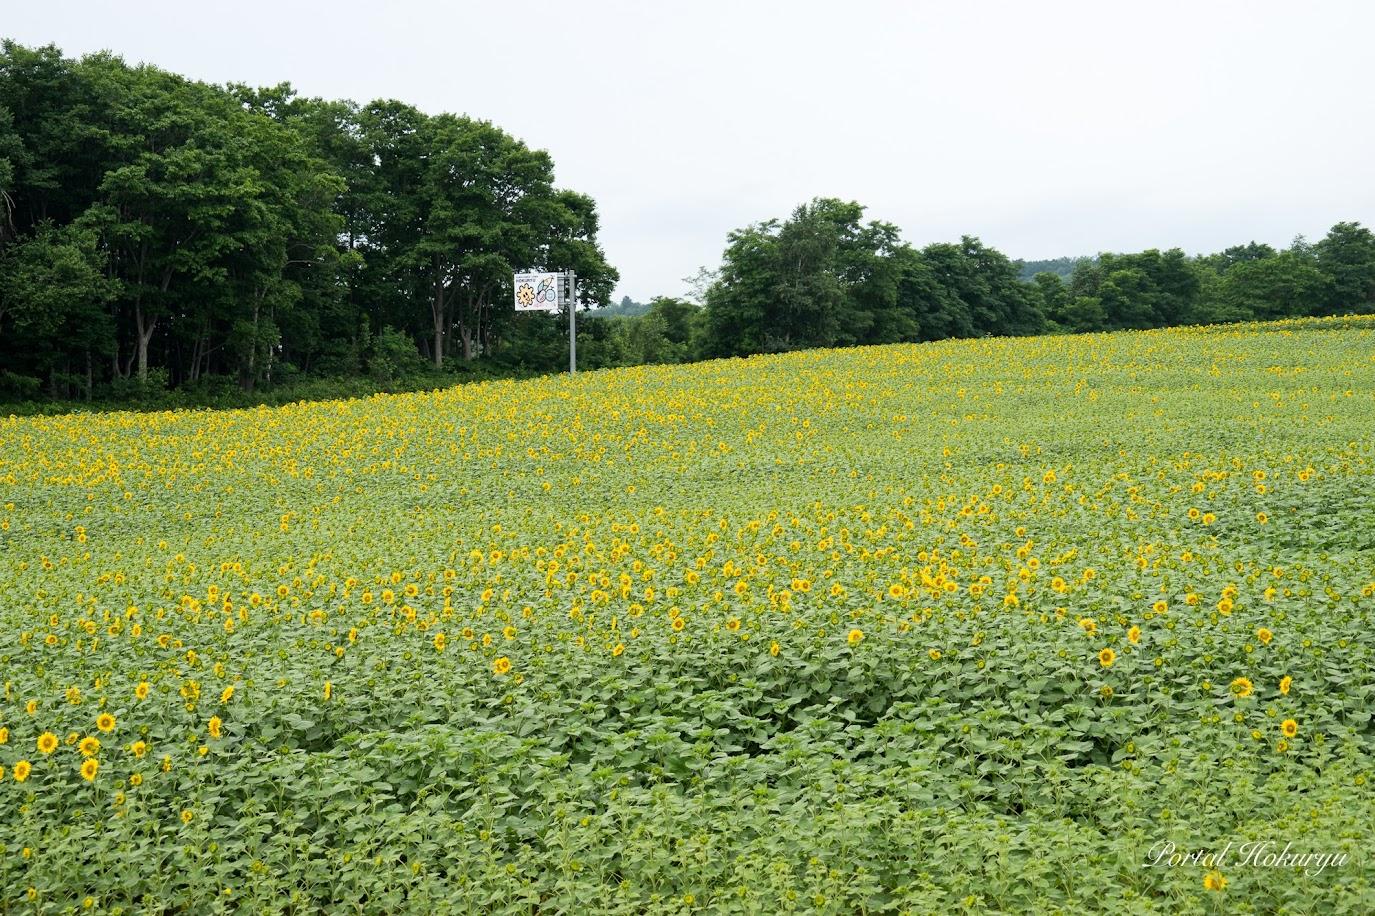 展望台から左の区画は5部咲き程